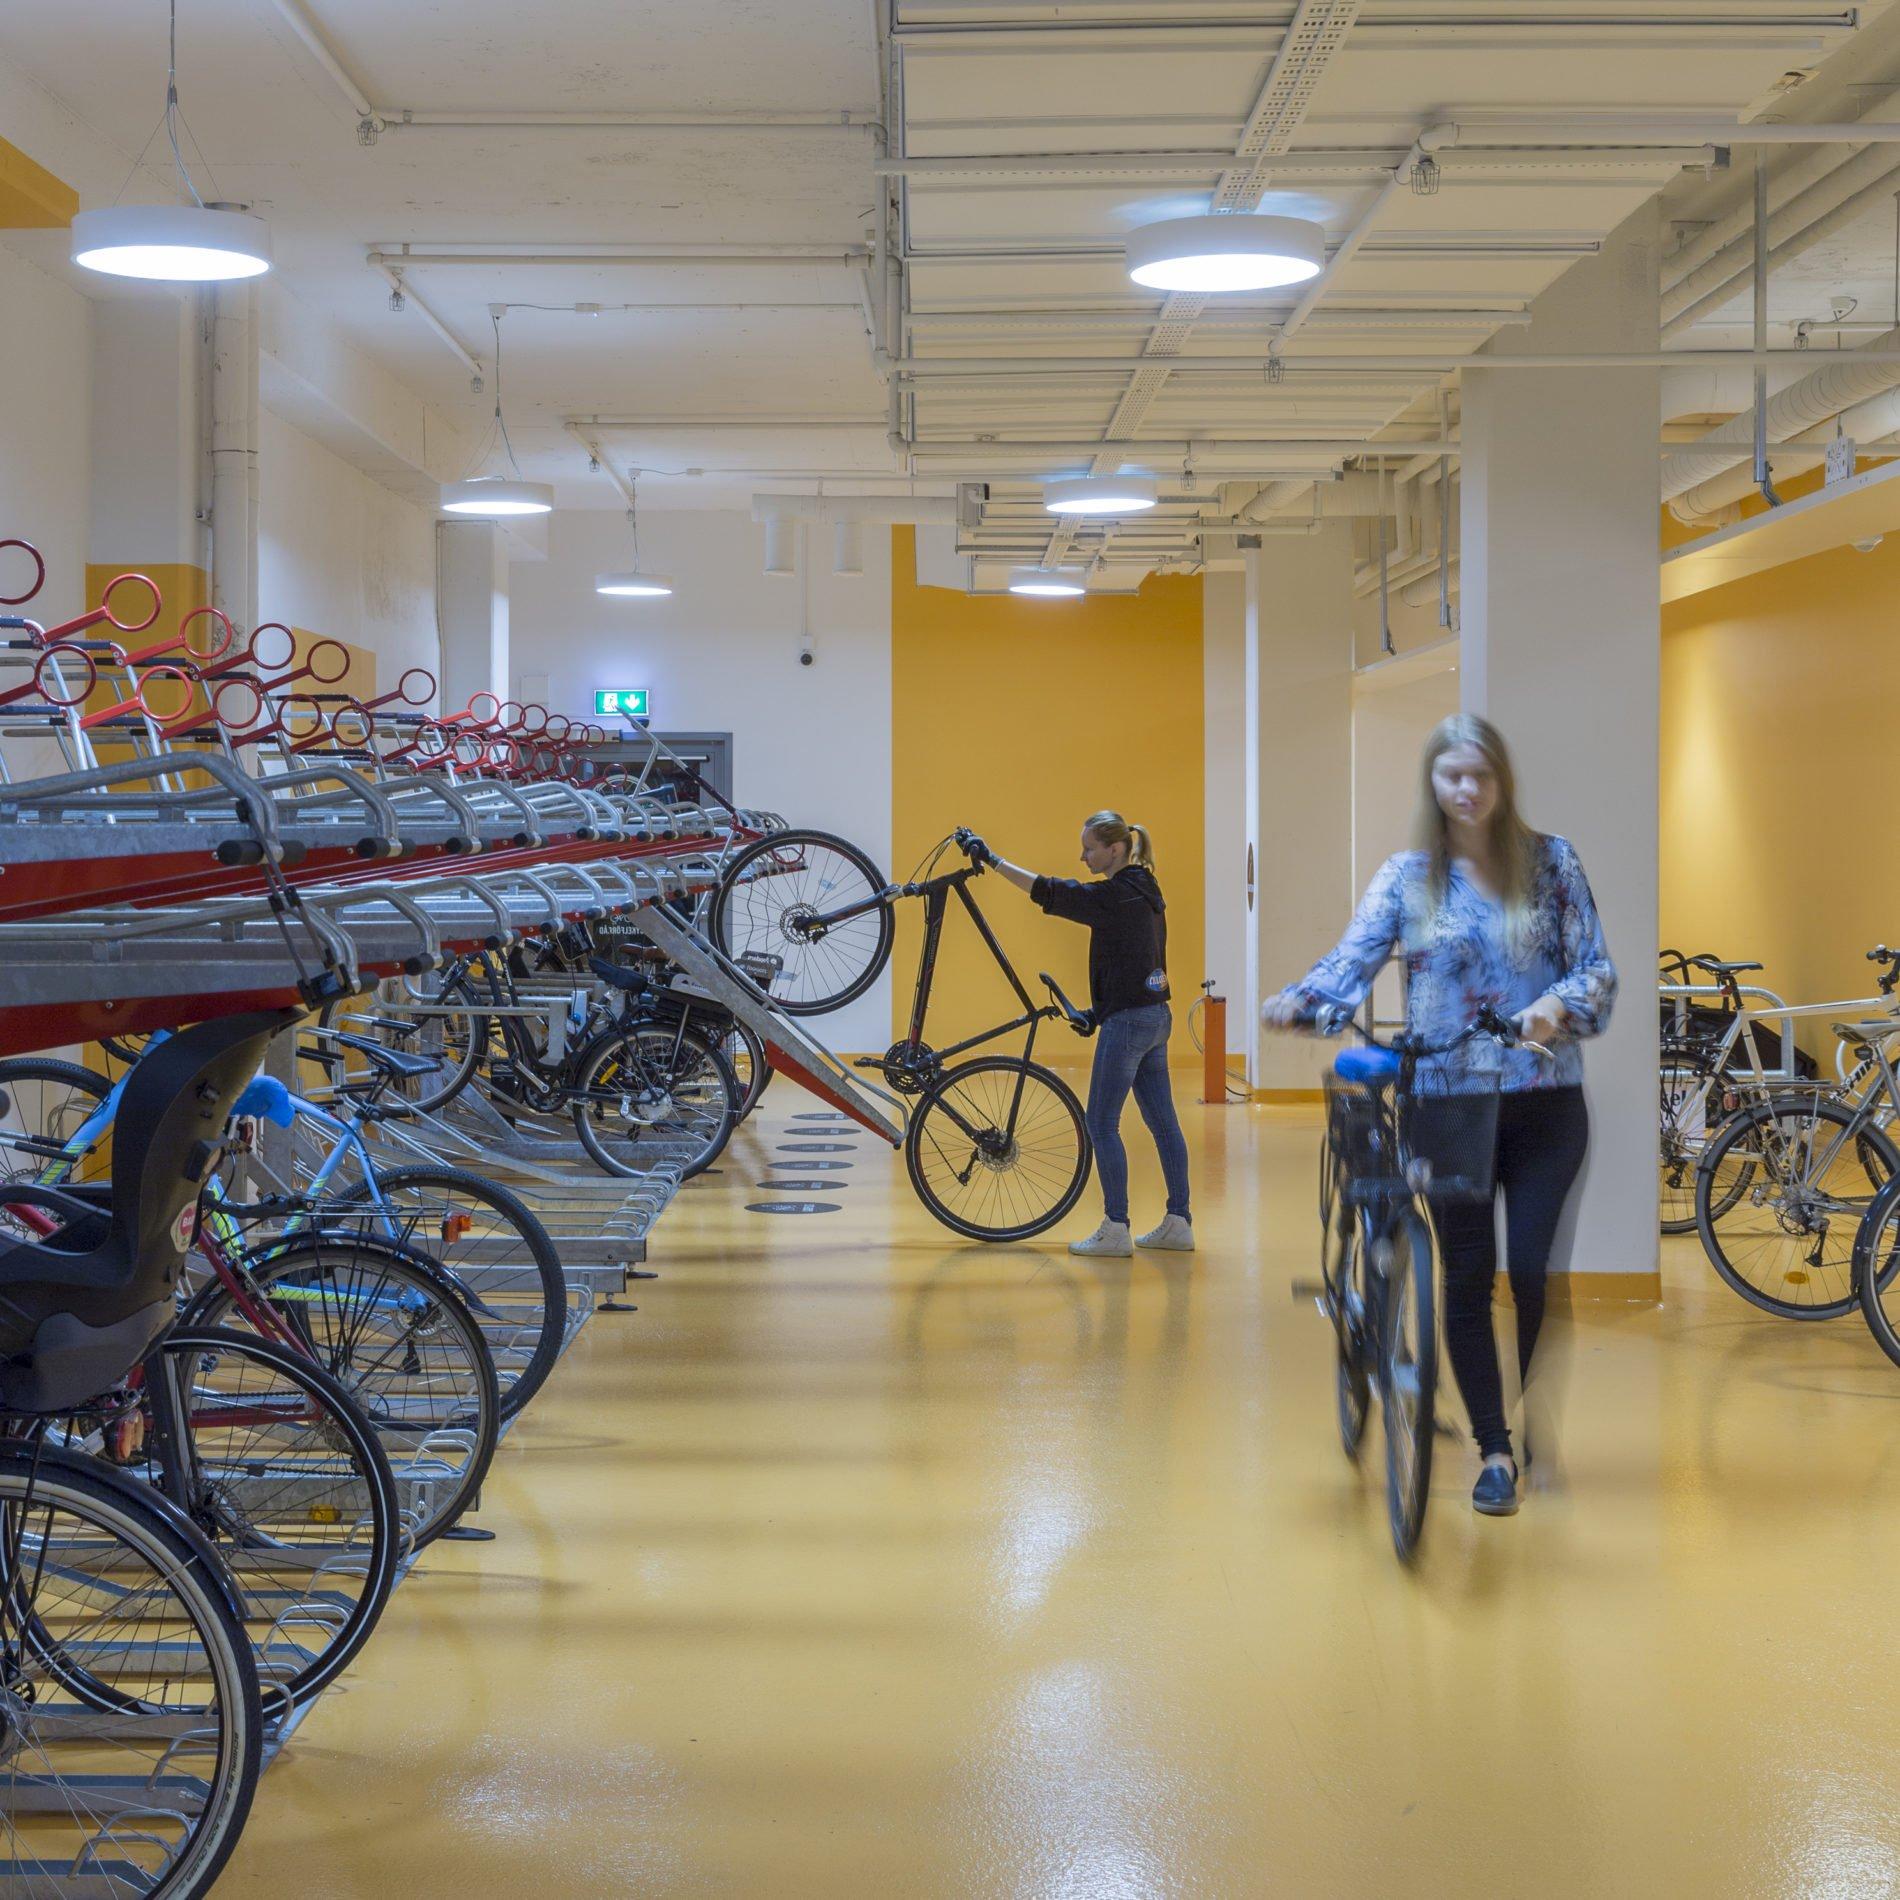 Cykelförvaring Cykel & service Klara Zenit